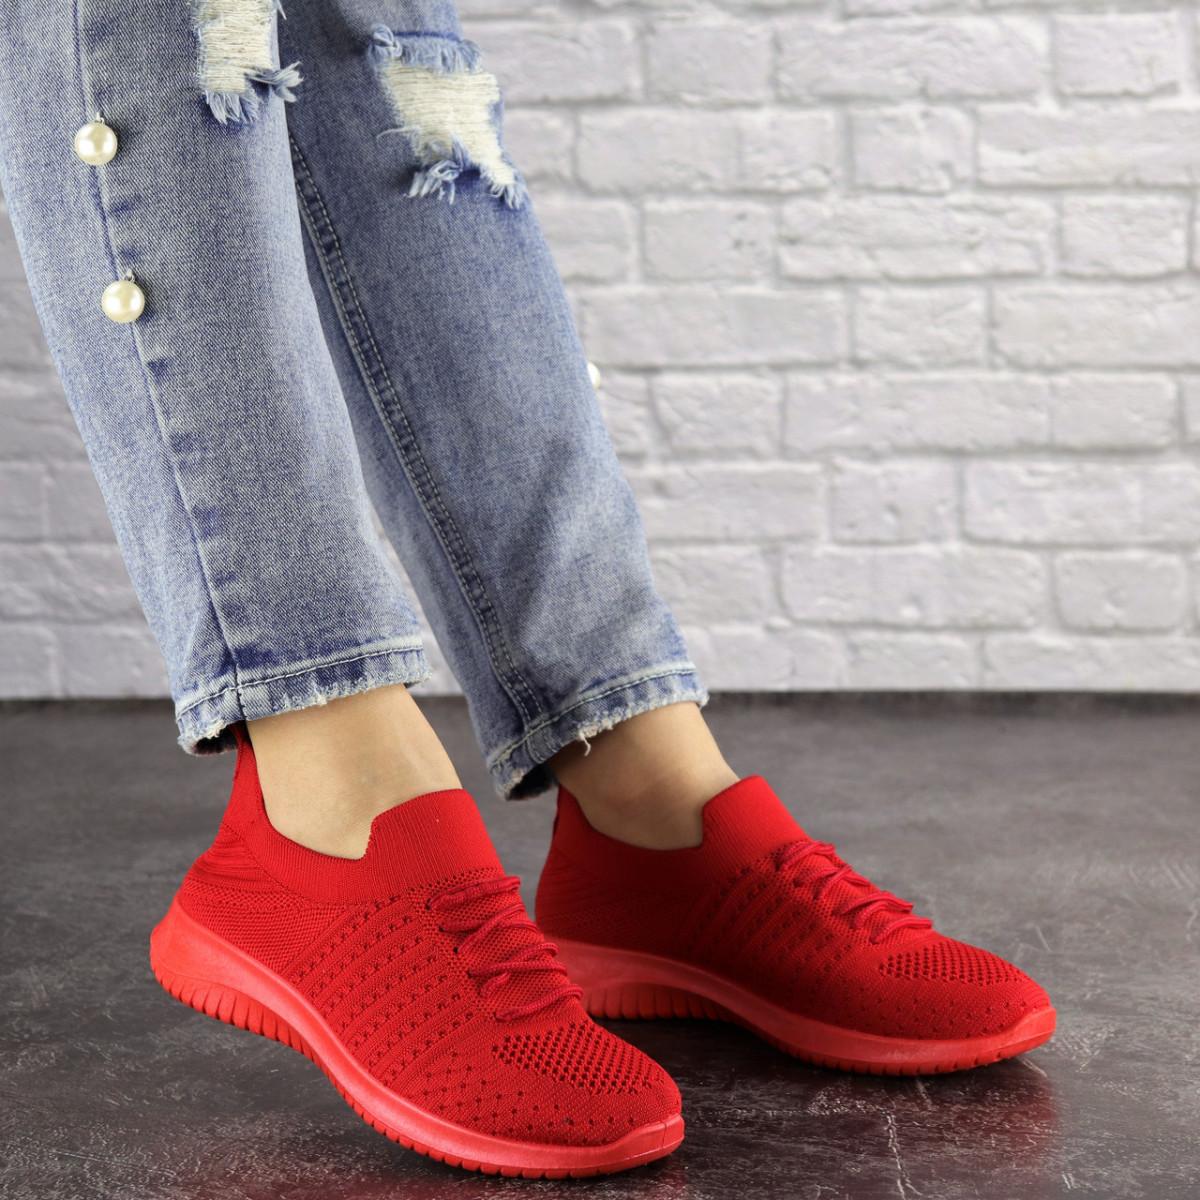 Женские кроссовки Fashion Stella 1577 36 размер 23 см Красный